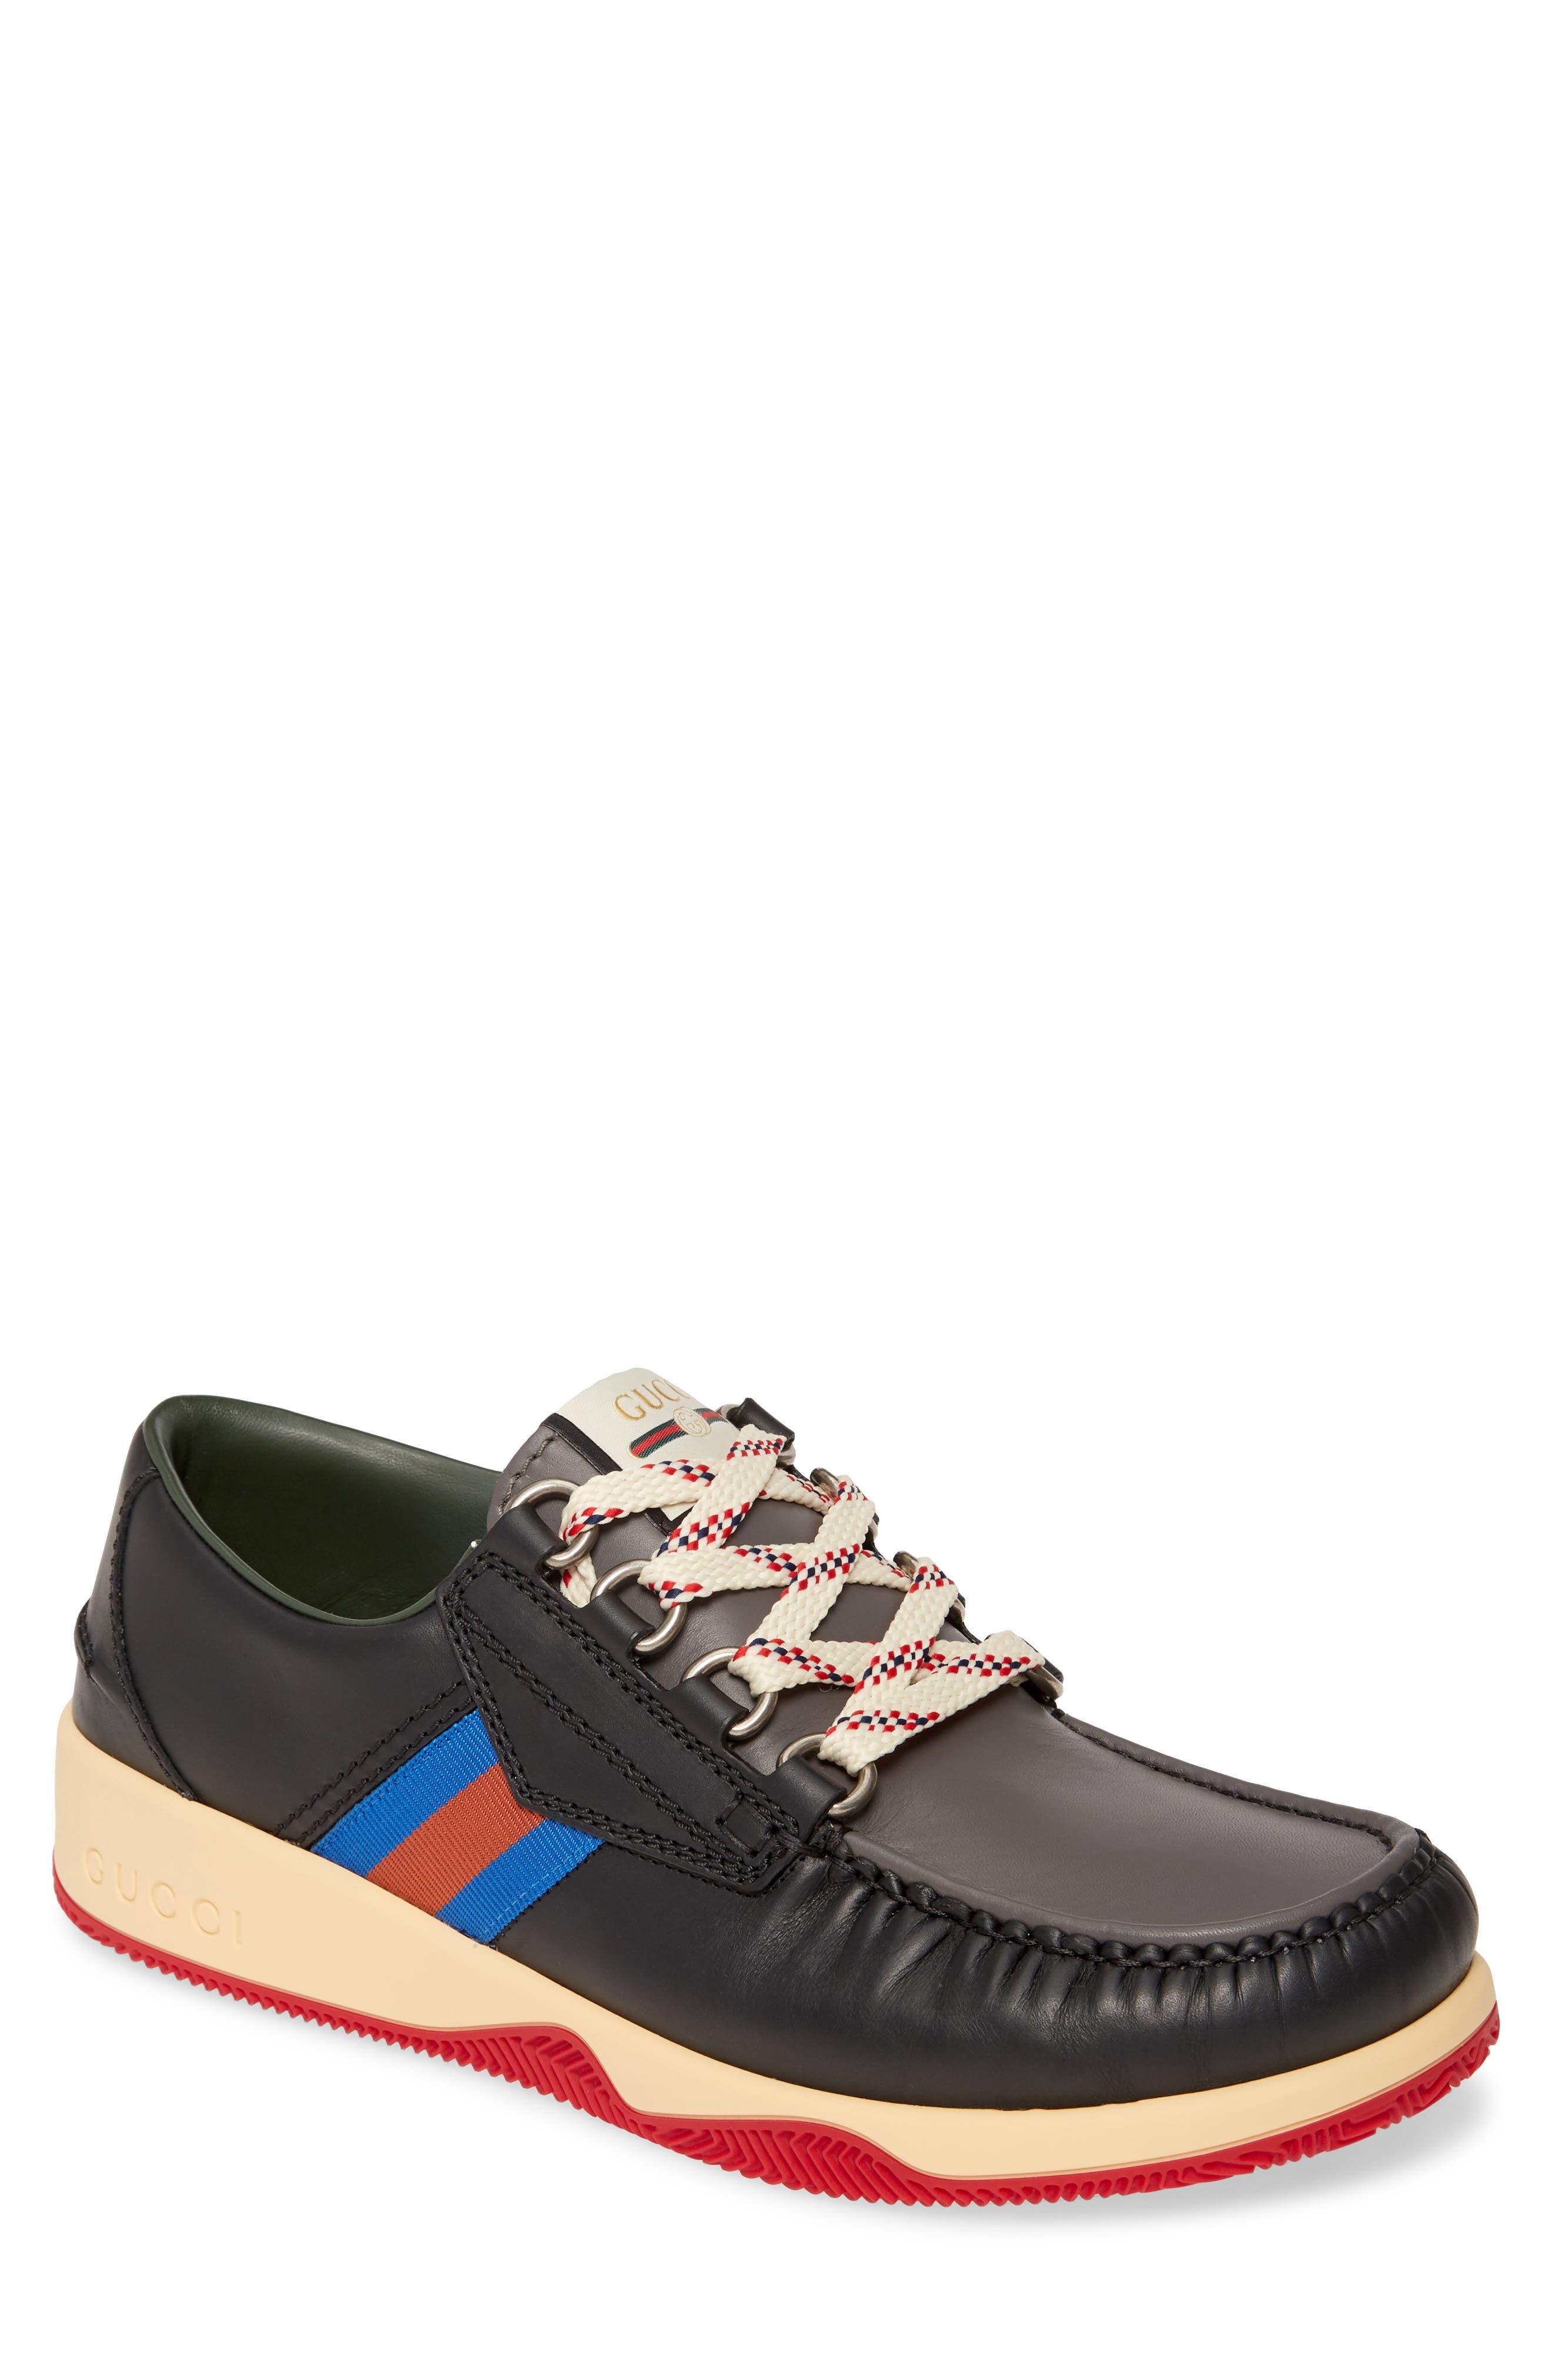 Gucci Boat Shoe (Men)   Nordstrom